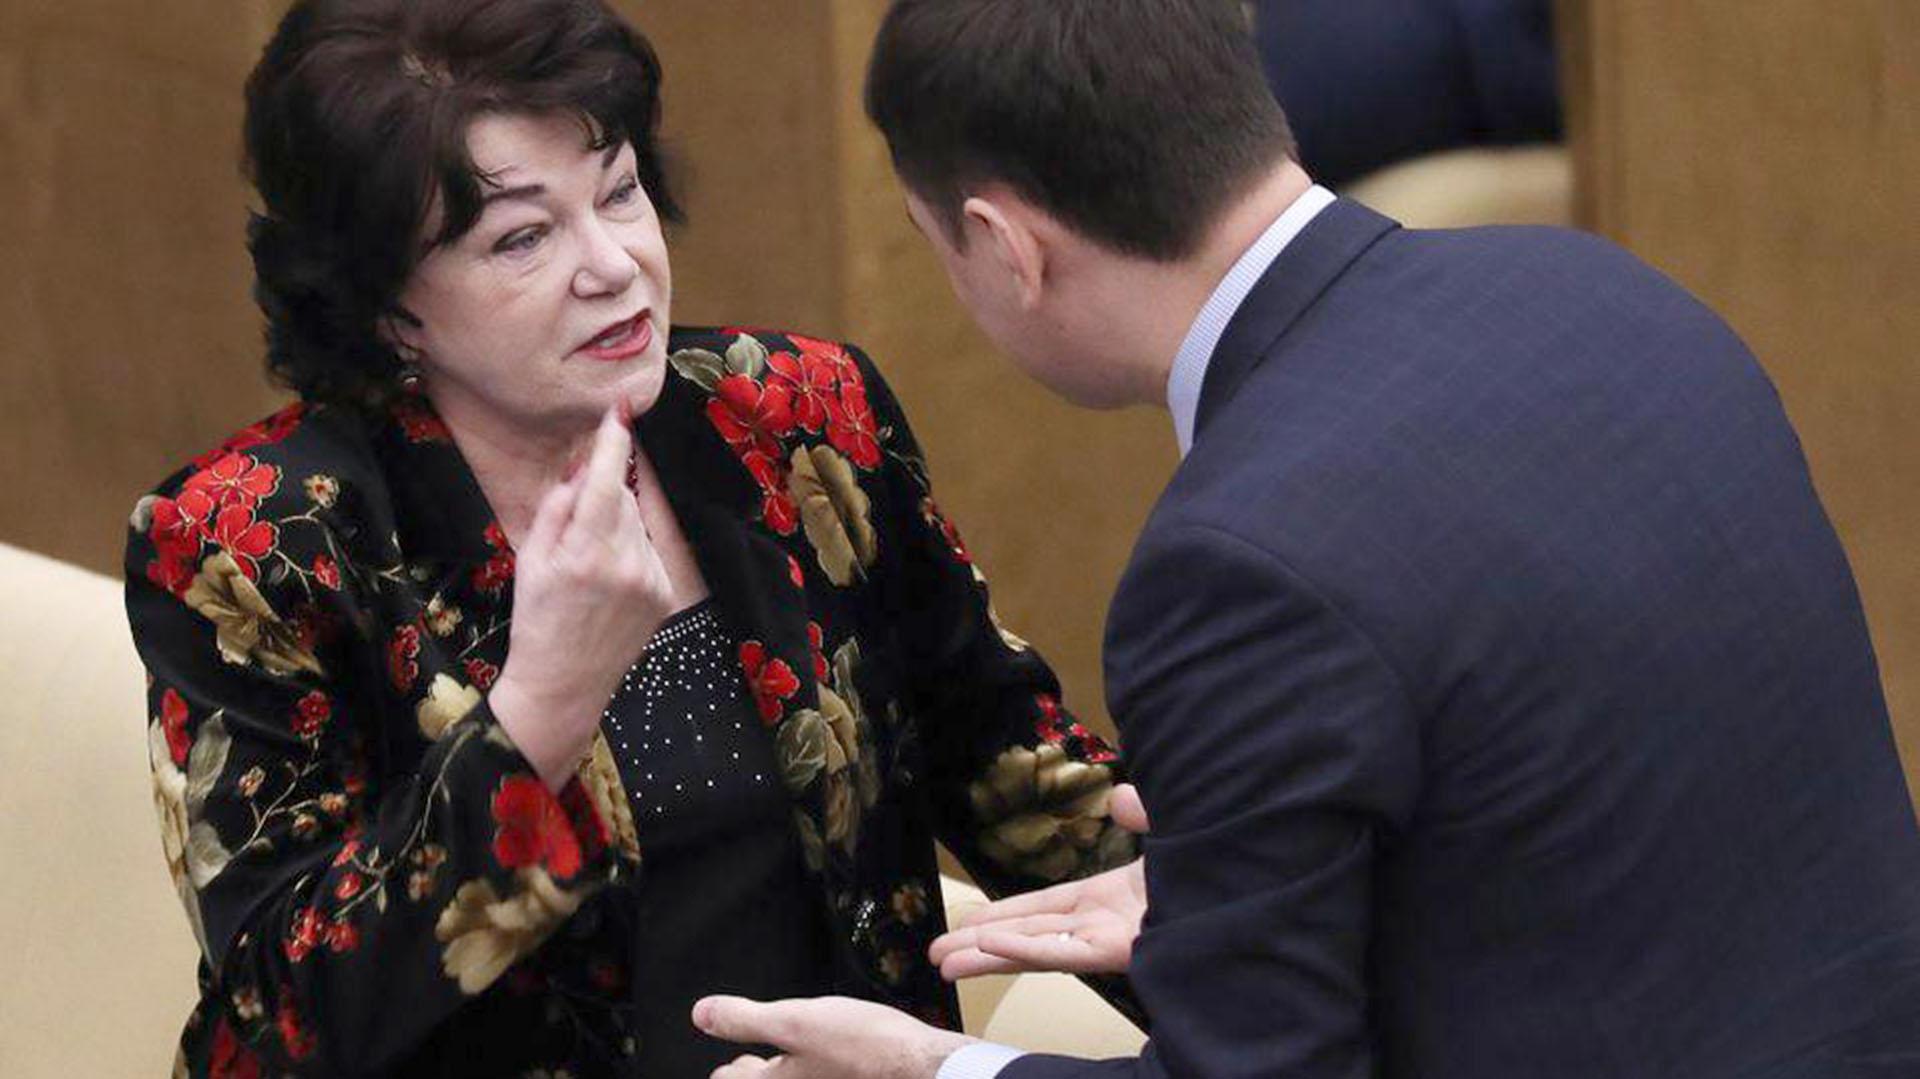 """Pletneva se ha visto envuelta en diferentes polémicas al recomendar que las mujeres se vistan """"en forma decente"""" para evitar ser abusadas o criticando al movimiento #MeToo"""